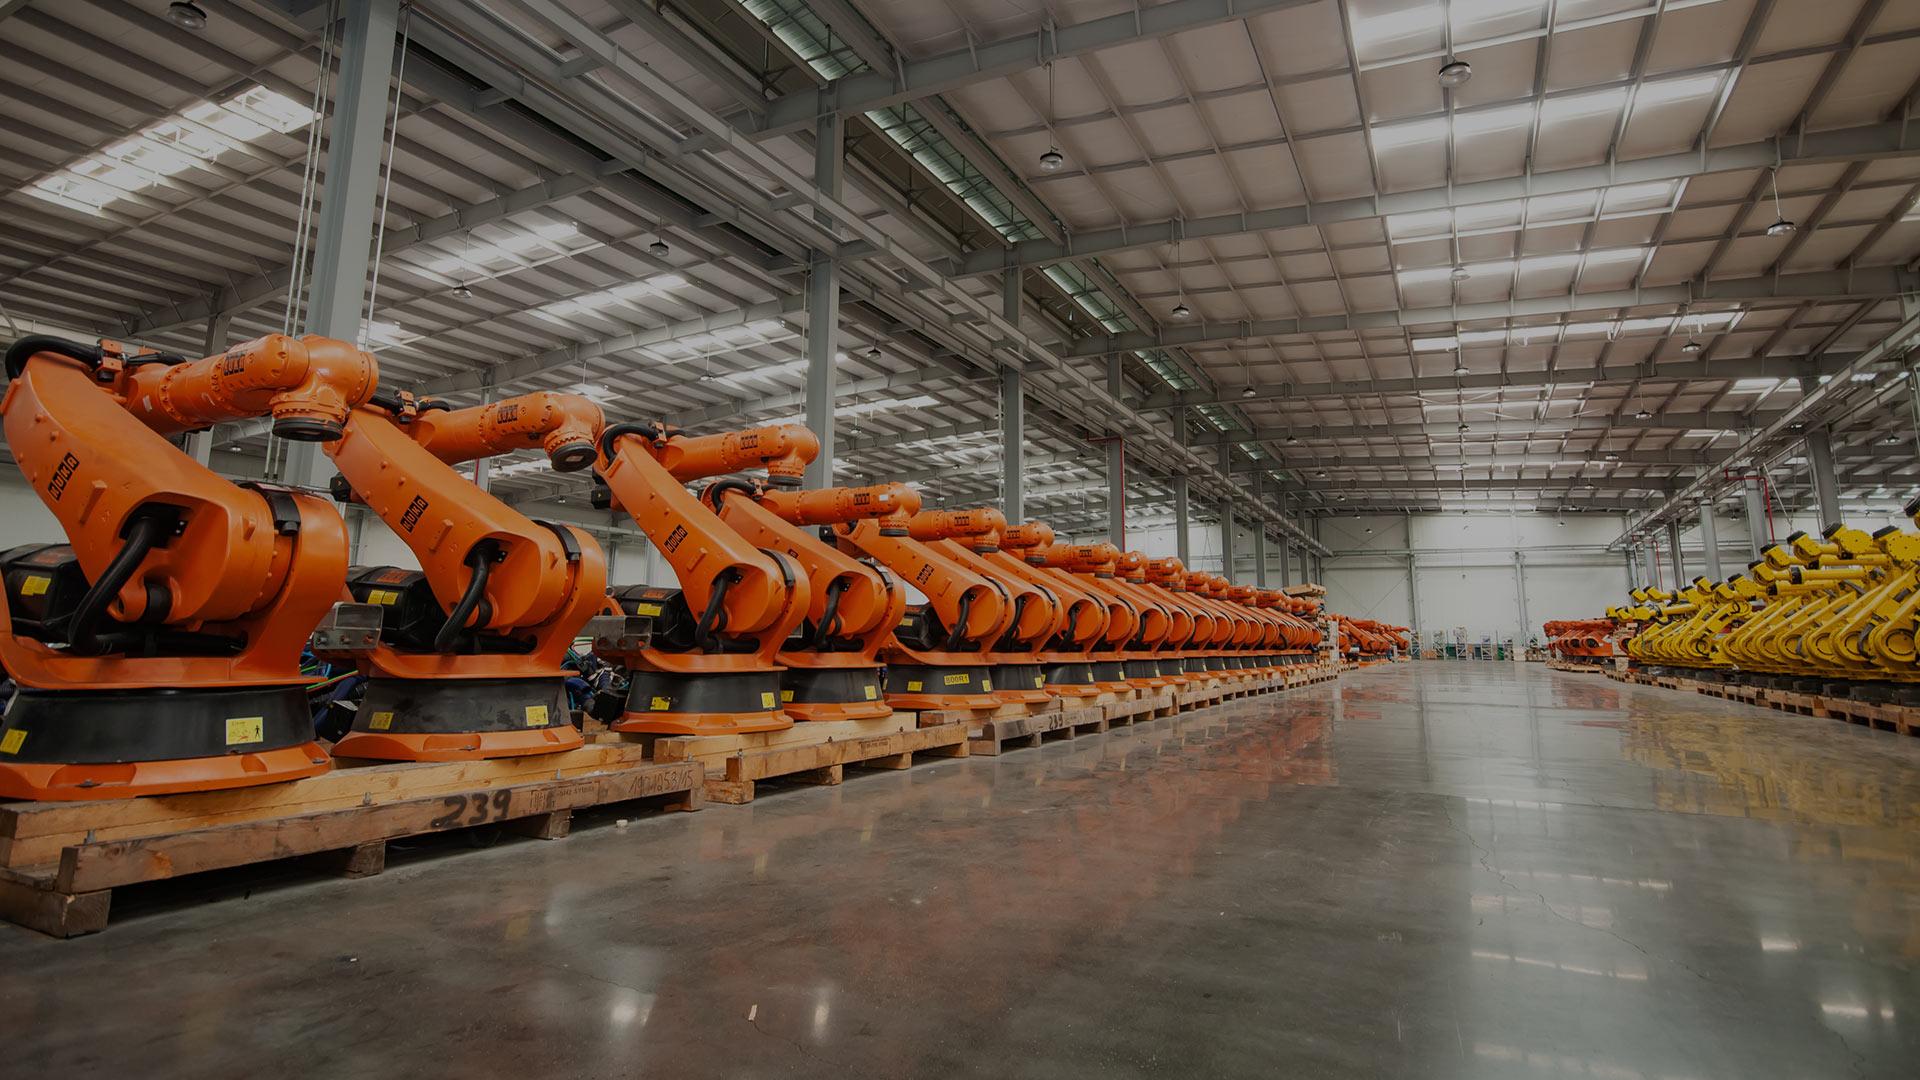 機器人碼垛:可提高產品完整性的機器人碼垛